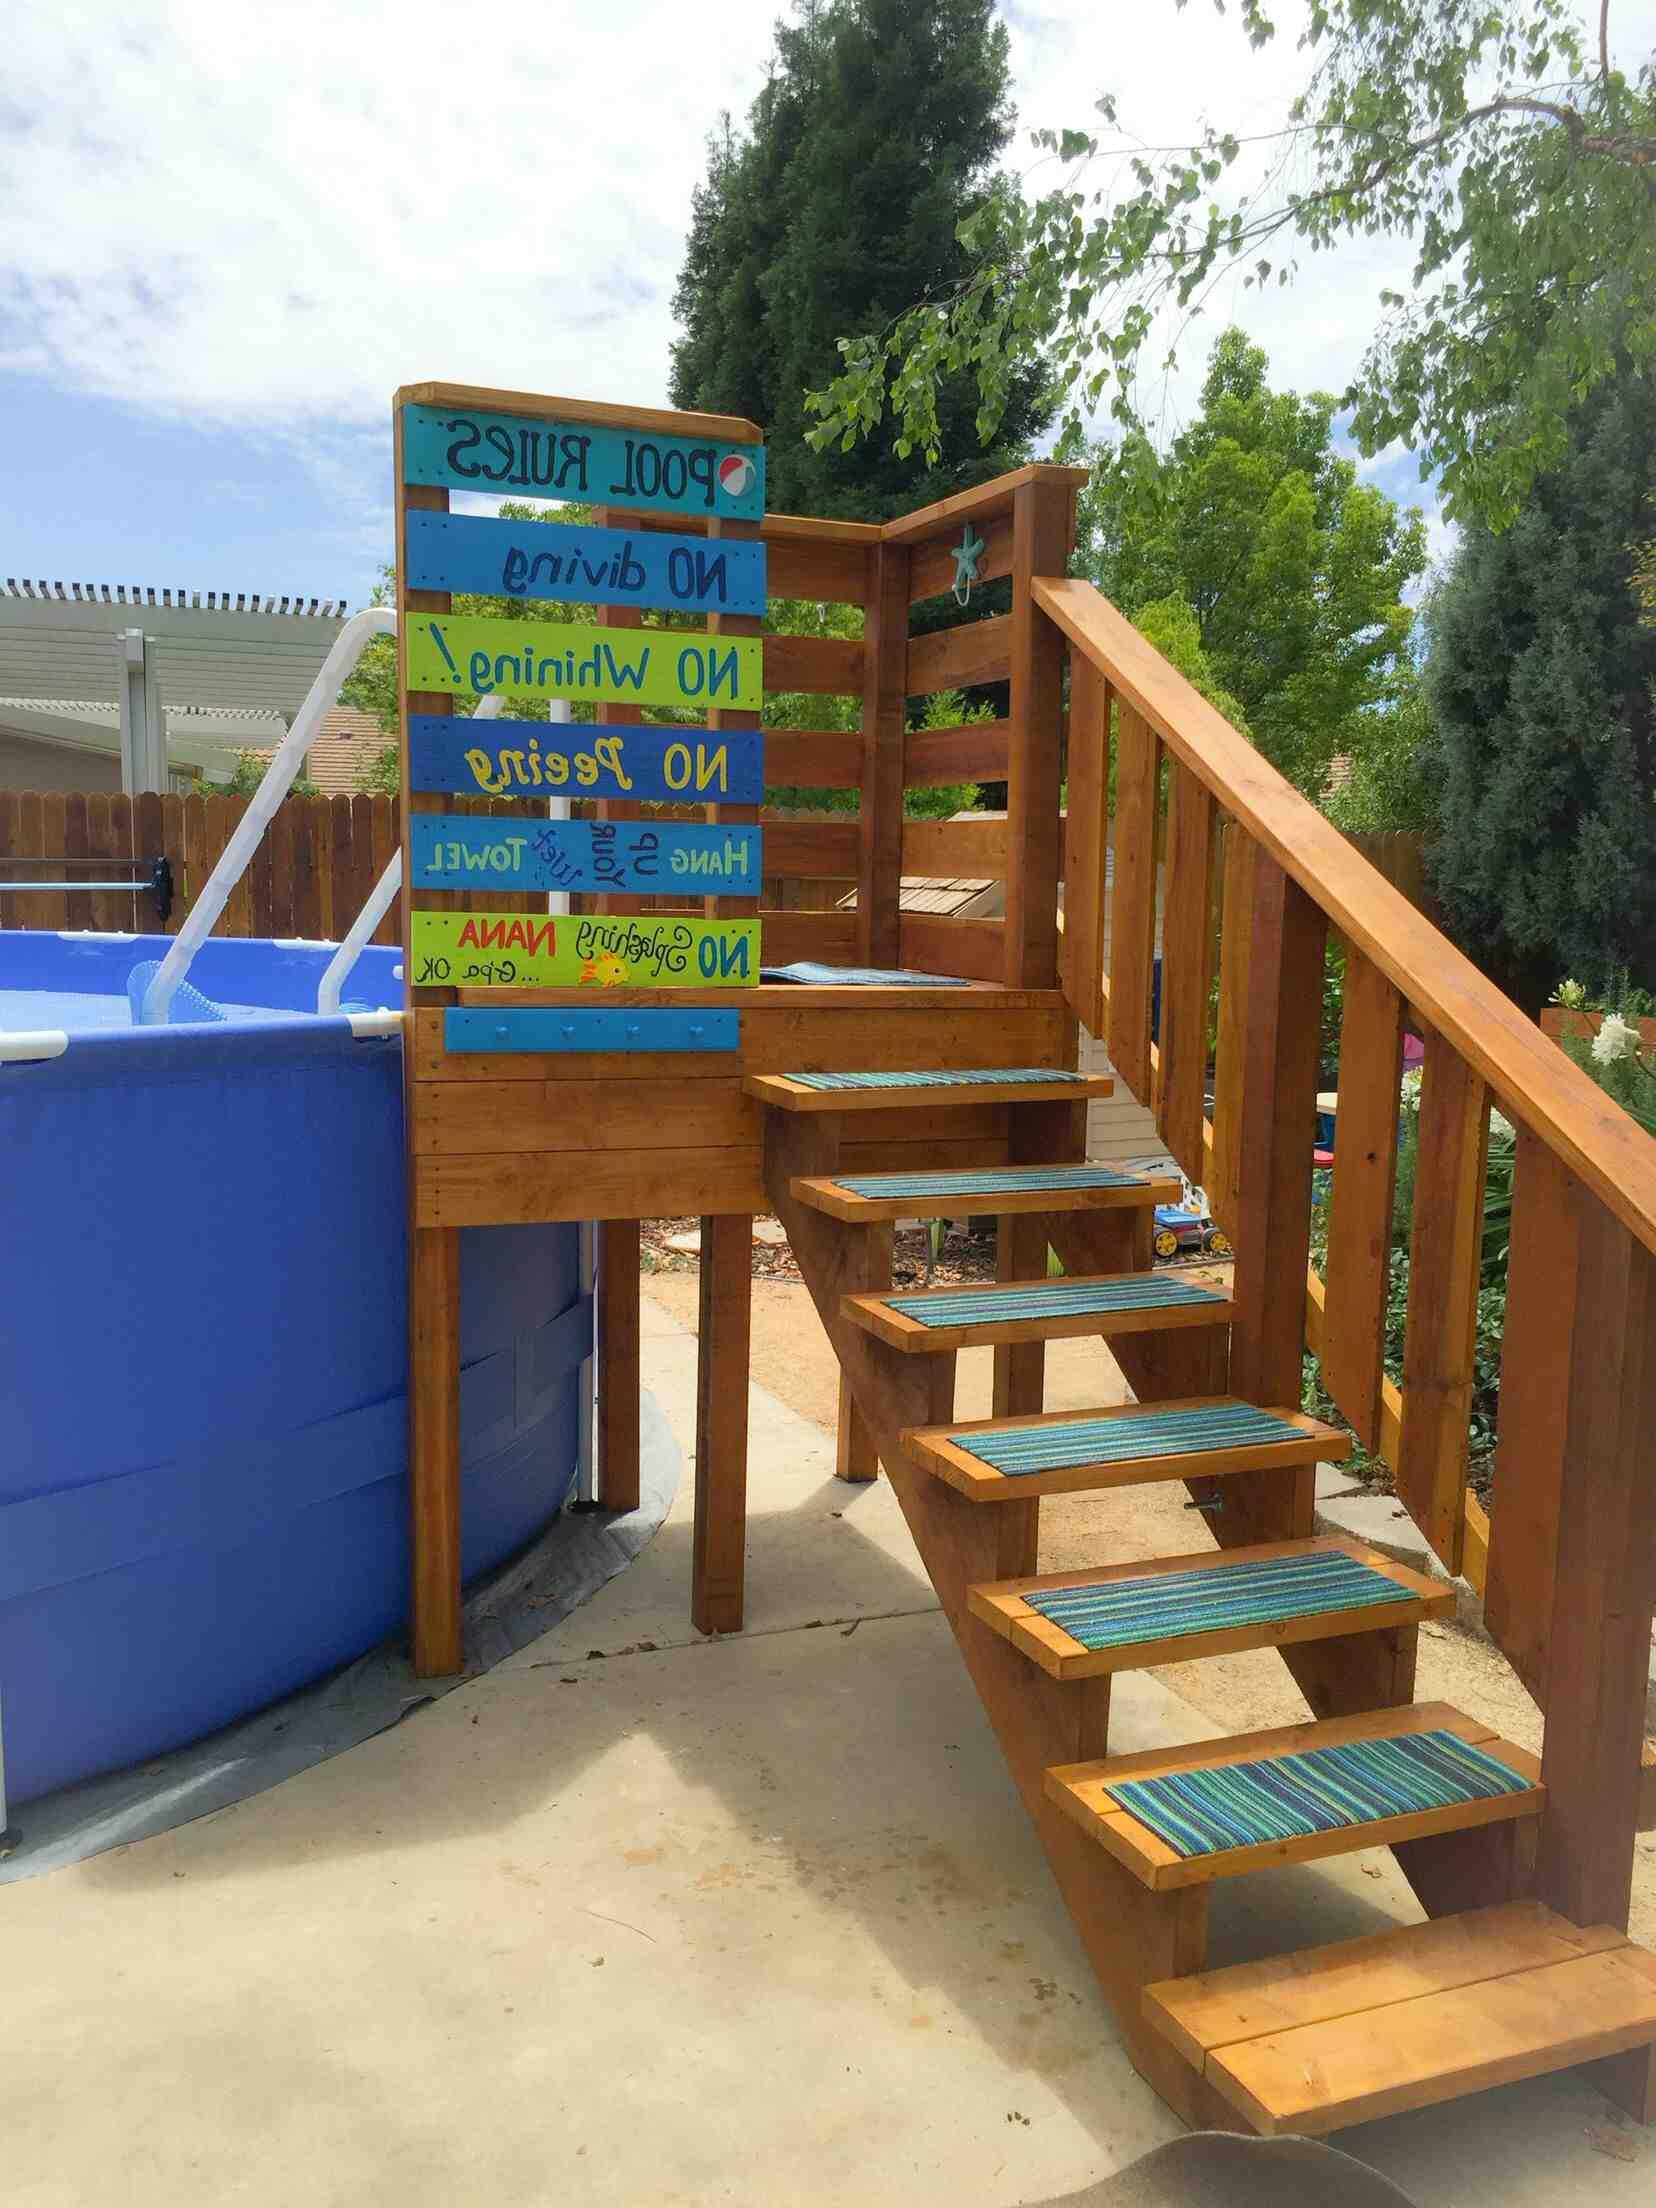 Comment faire une terrasse gratuitement ?